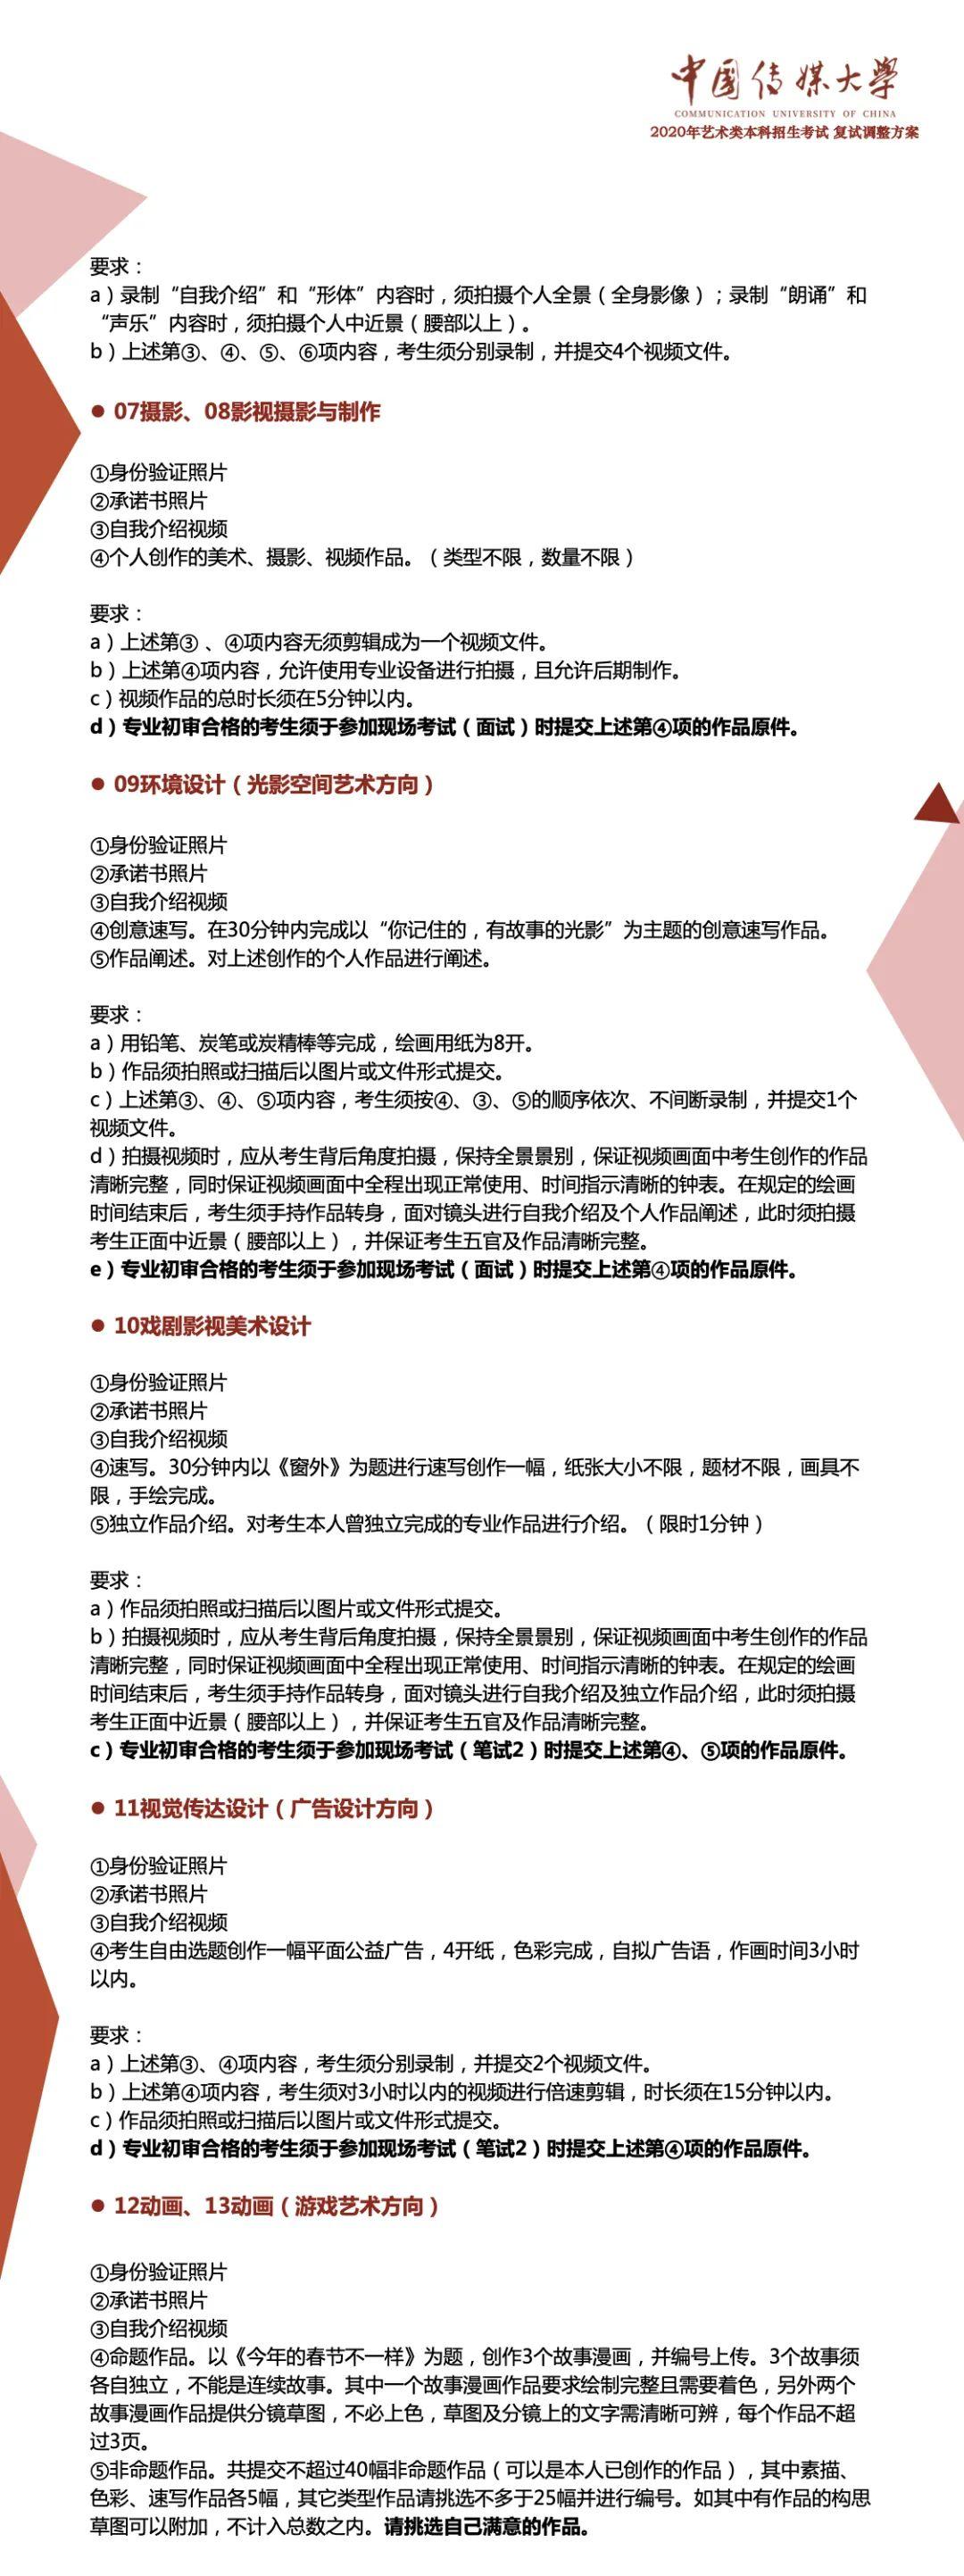 杭州画室,中国传媒大学,杭州艺考画室,05